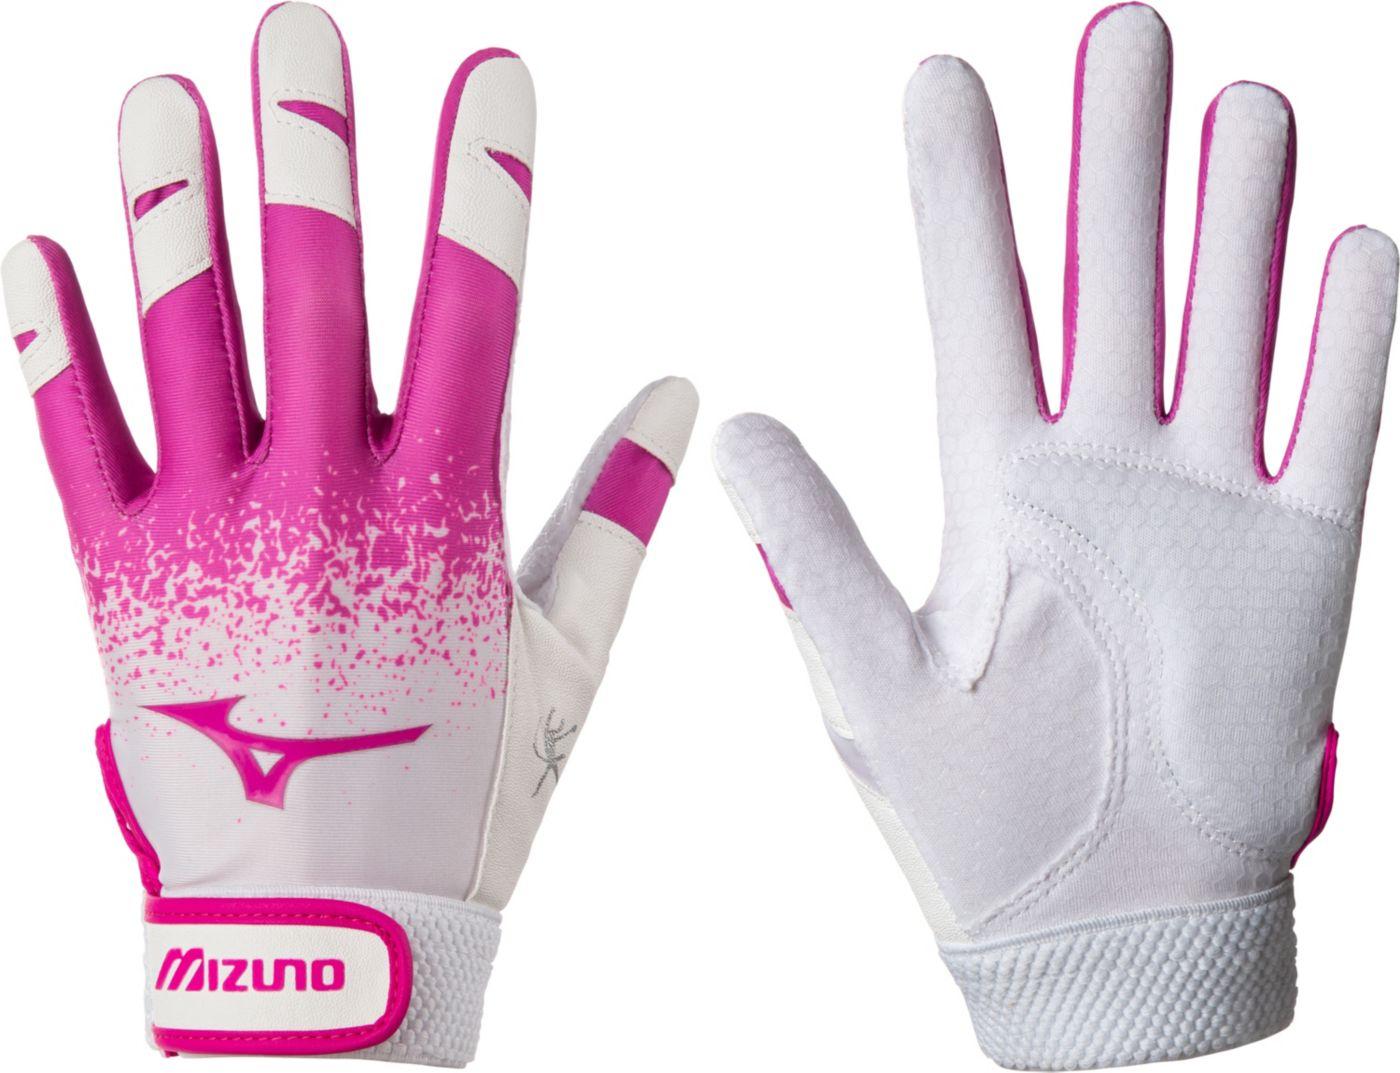 Mizuno Girls' Jennie Finch Fastpitch Batting Gloves 2020